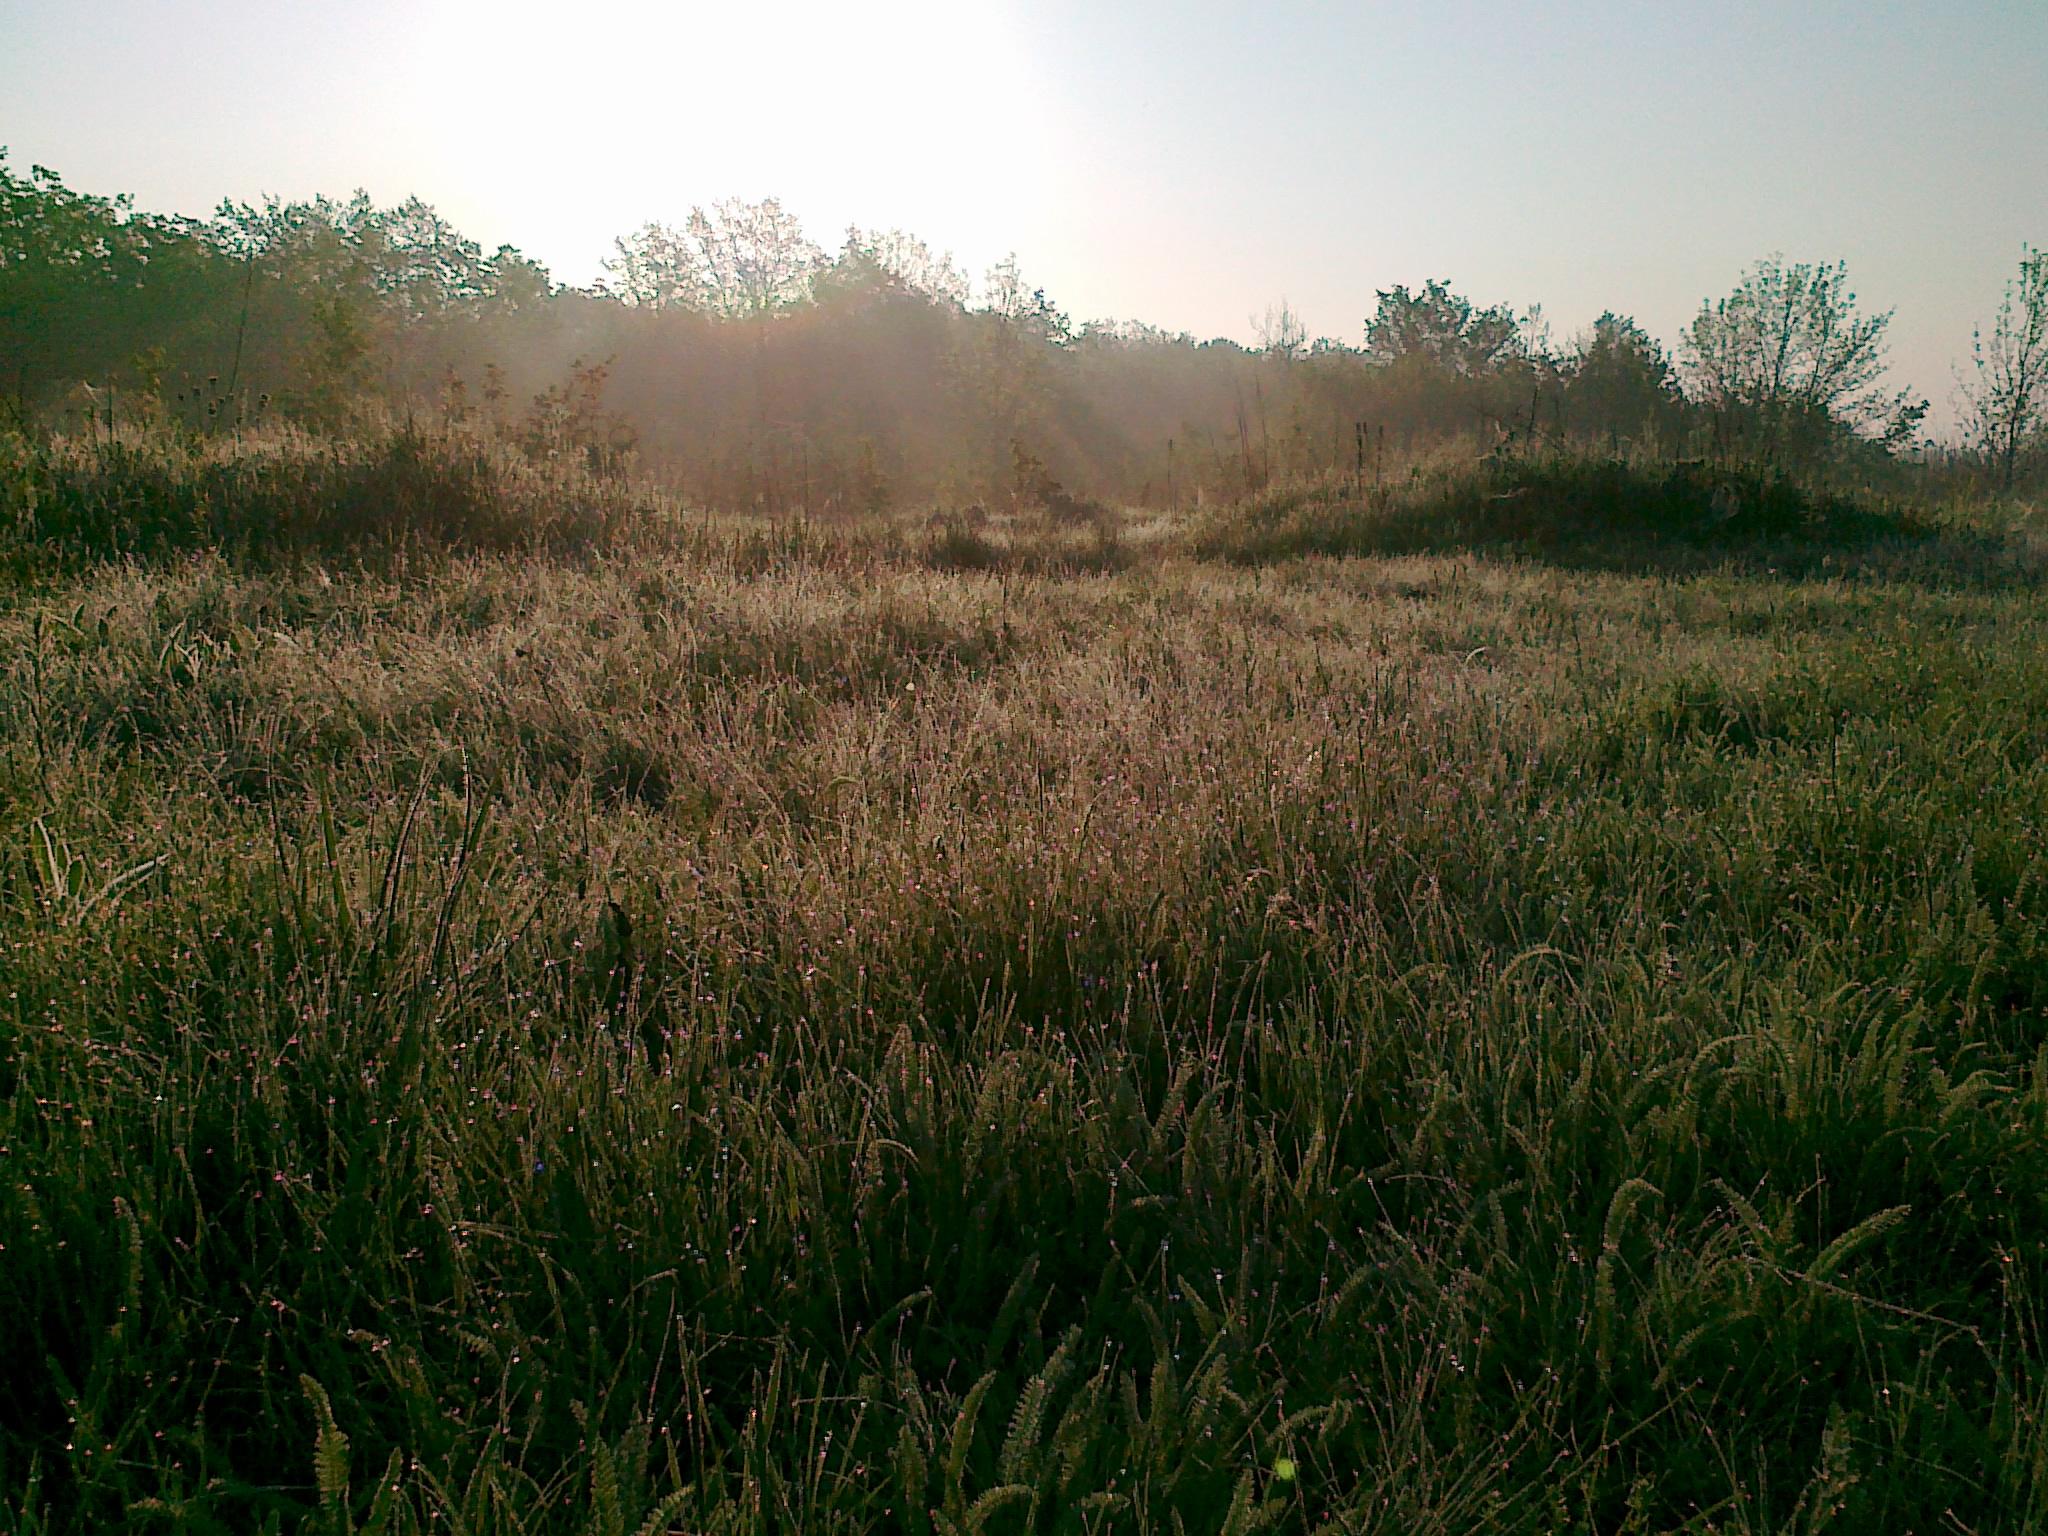 http://images.sevstar.net/images/60633039154028379889.jpg